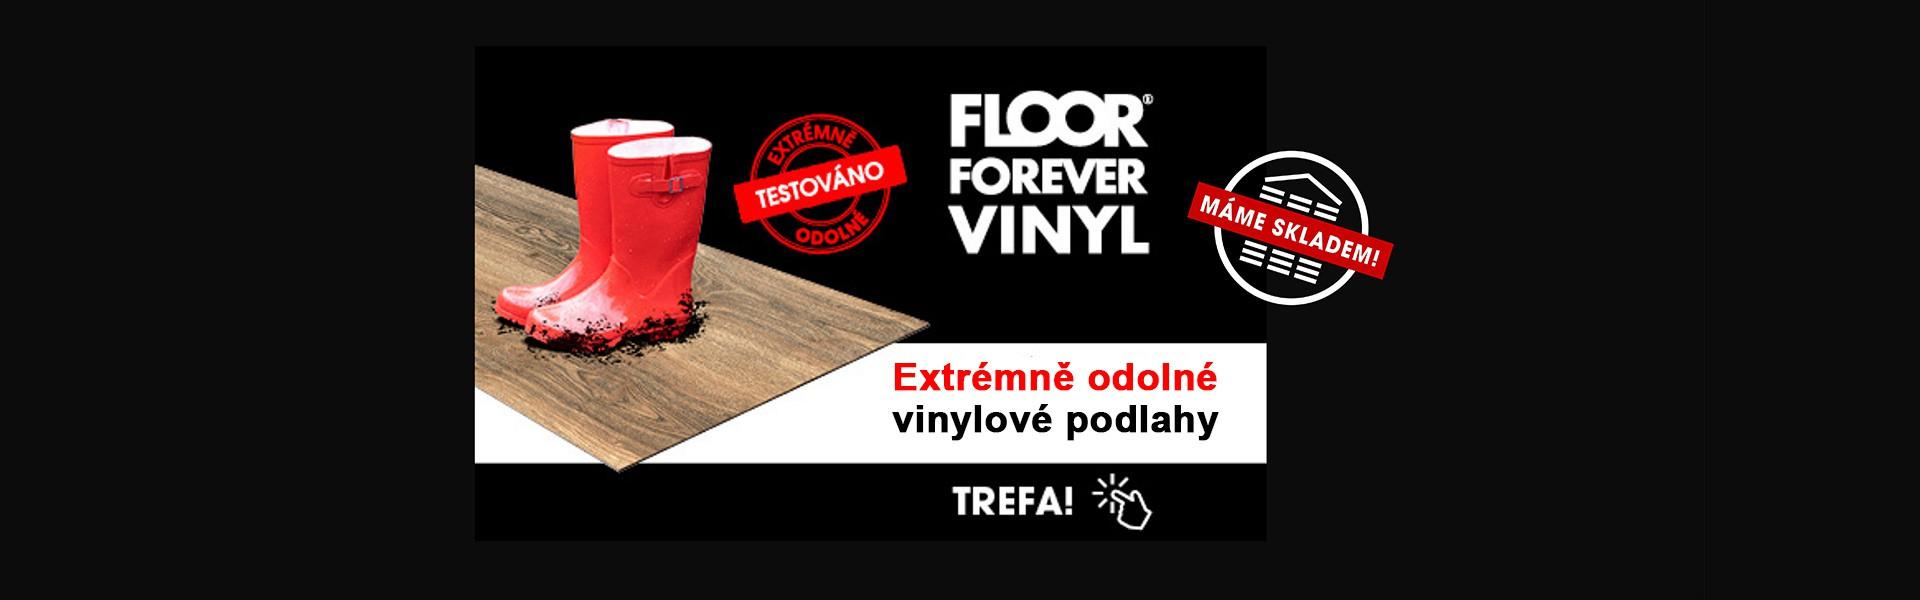 Floor Forever Vinyl